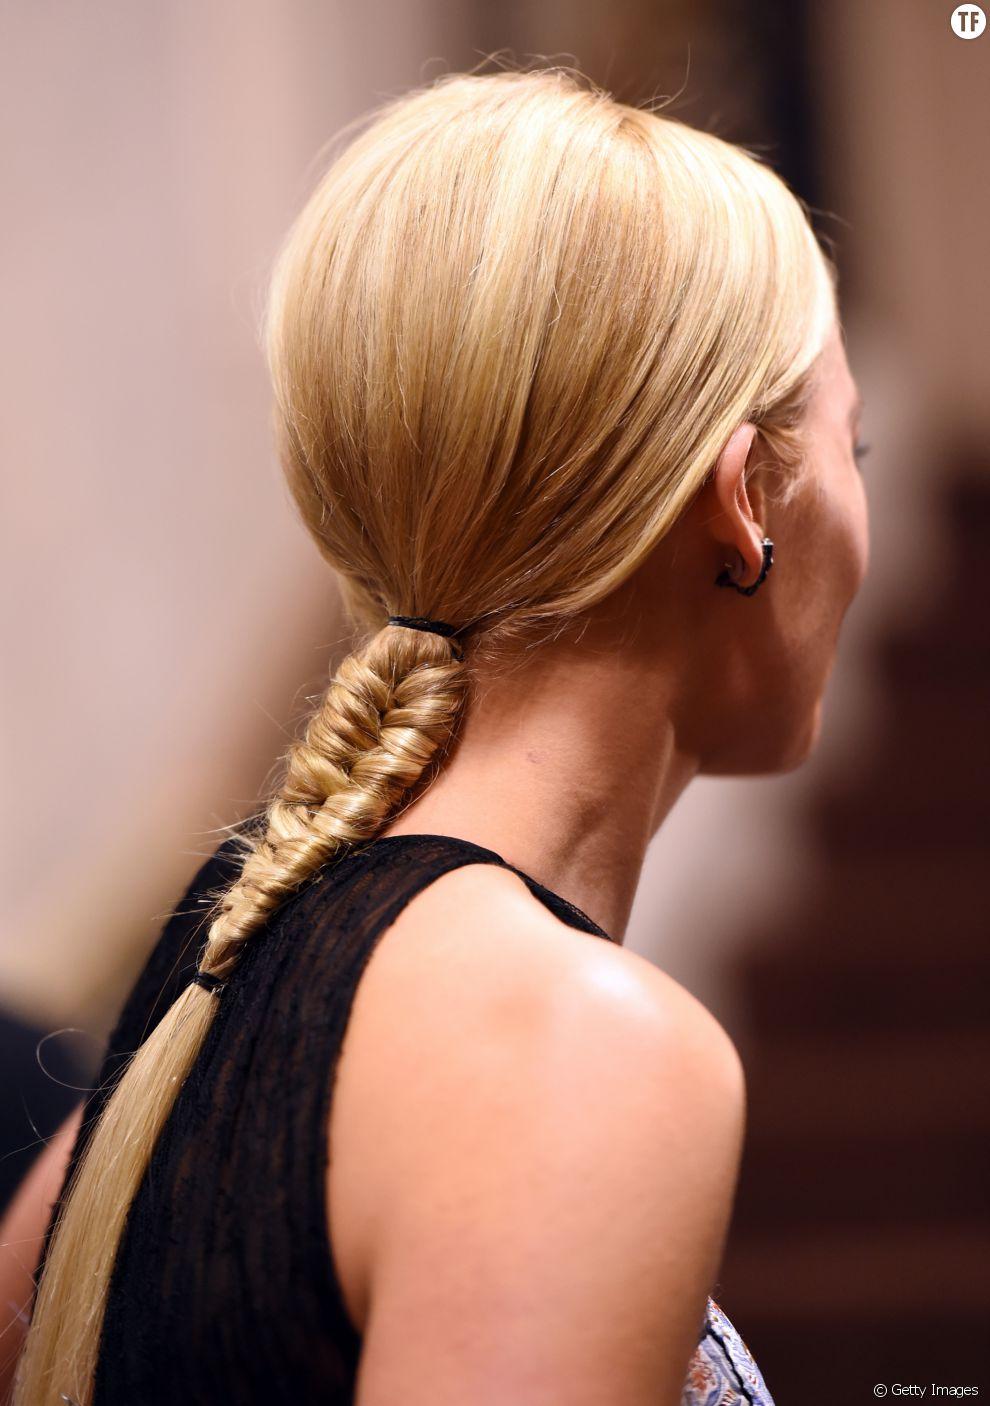 On adore cette semi-tresse imaginée par Margot Robbie. Une riche idée pour laisser ressortir la nature des cheveux fins sur les longueurs.